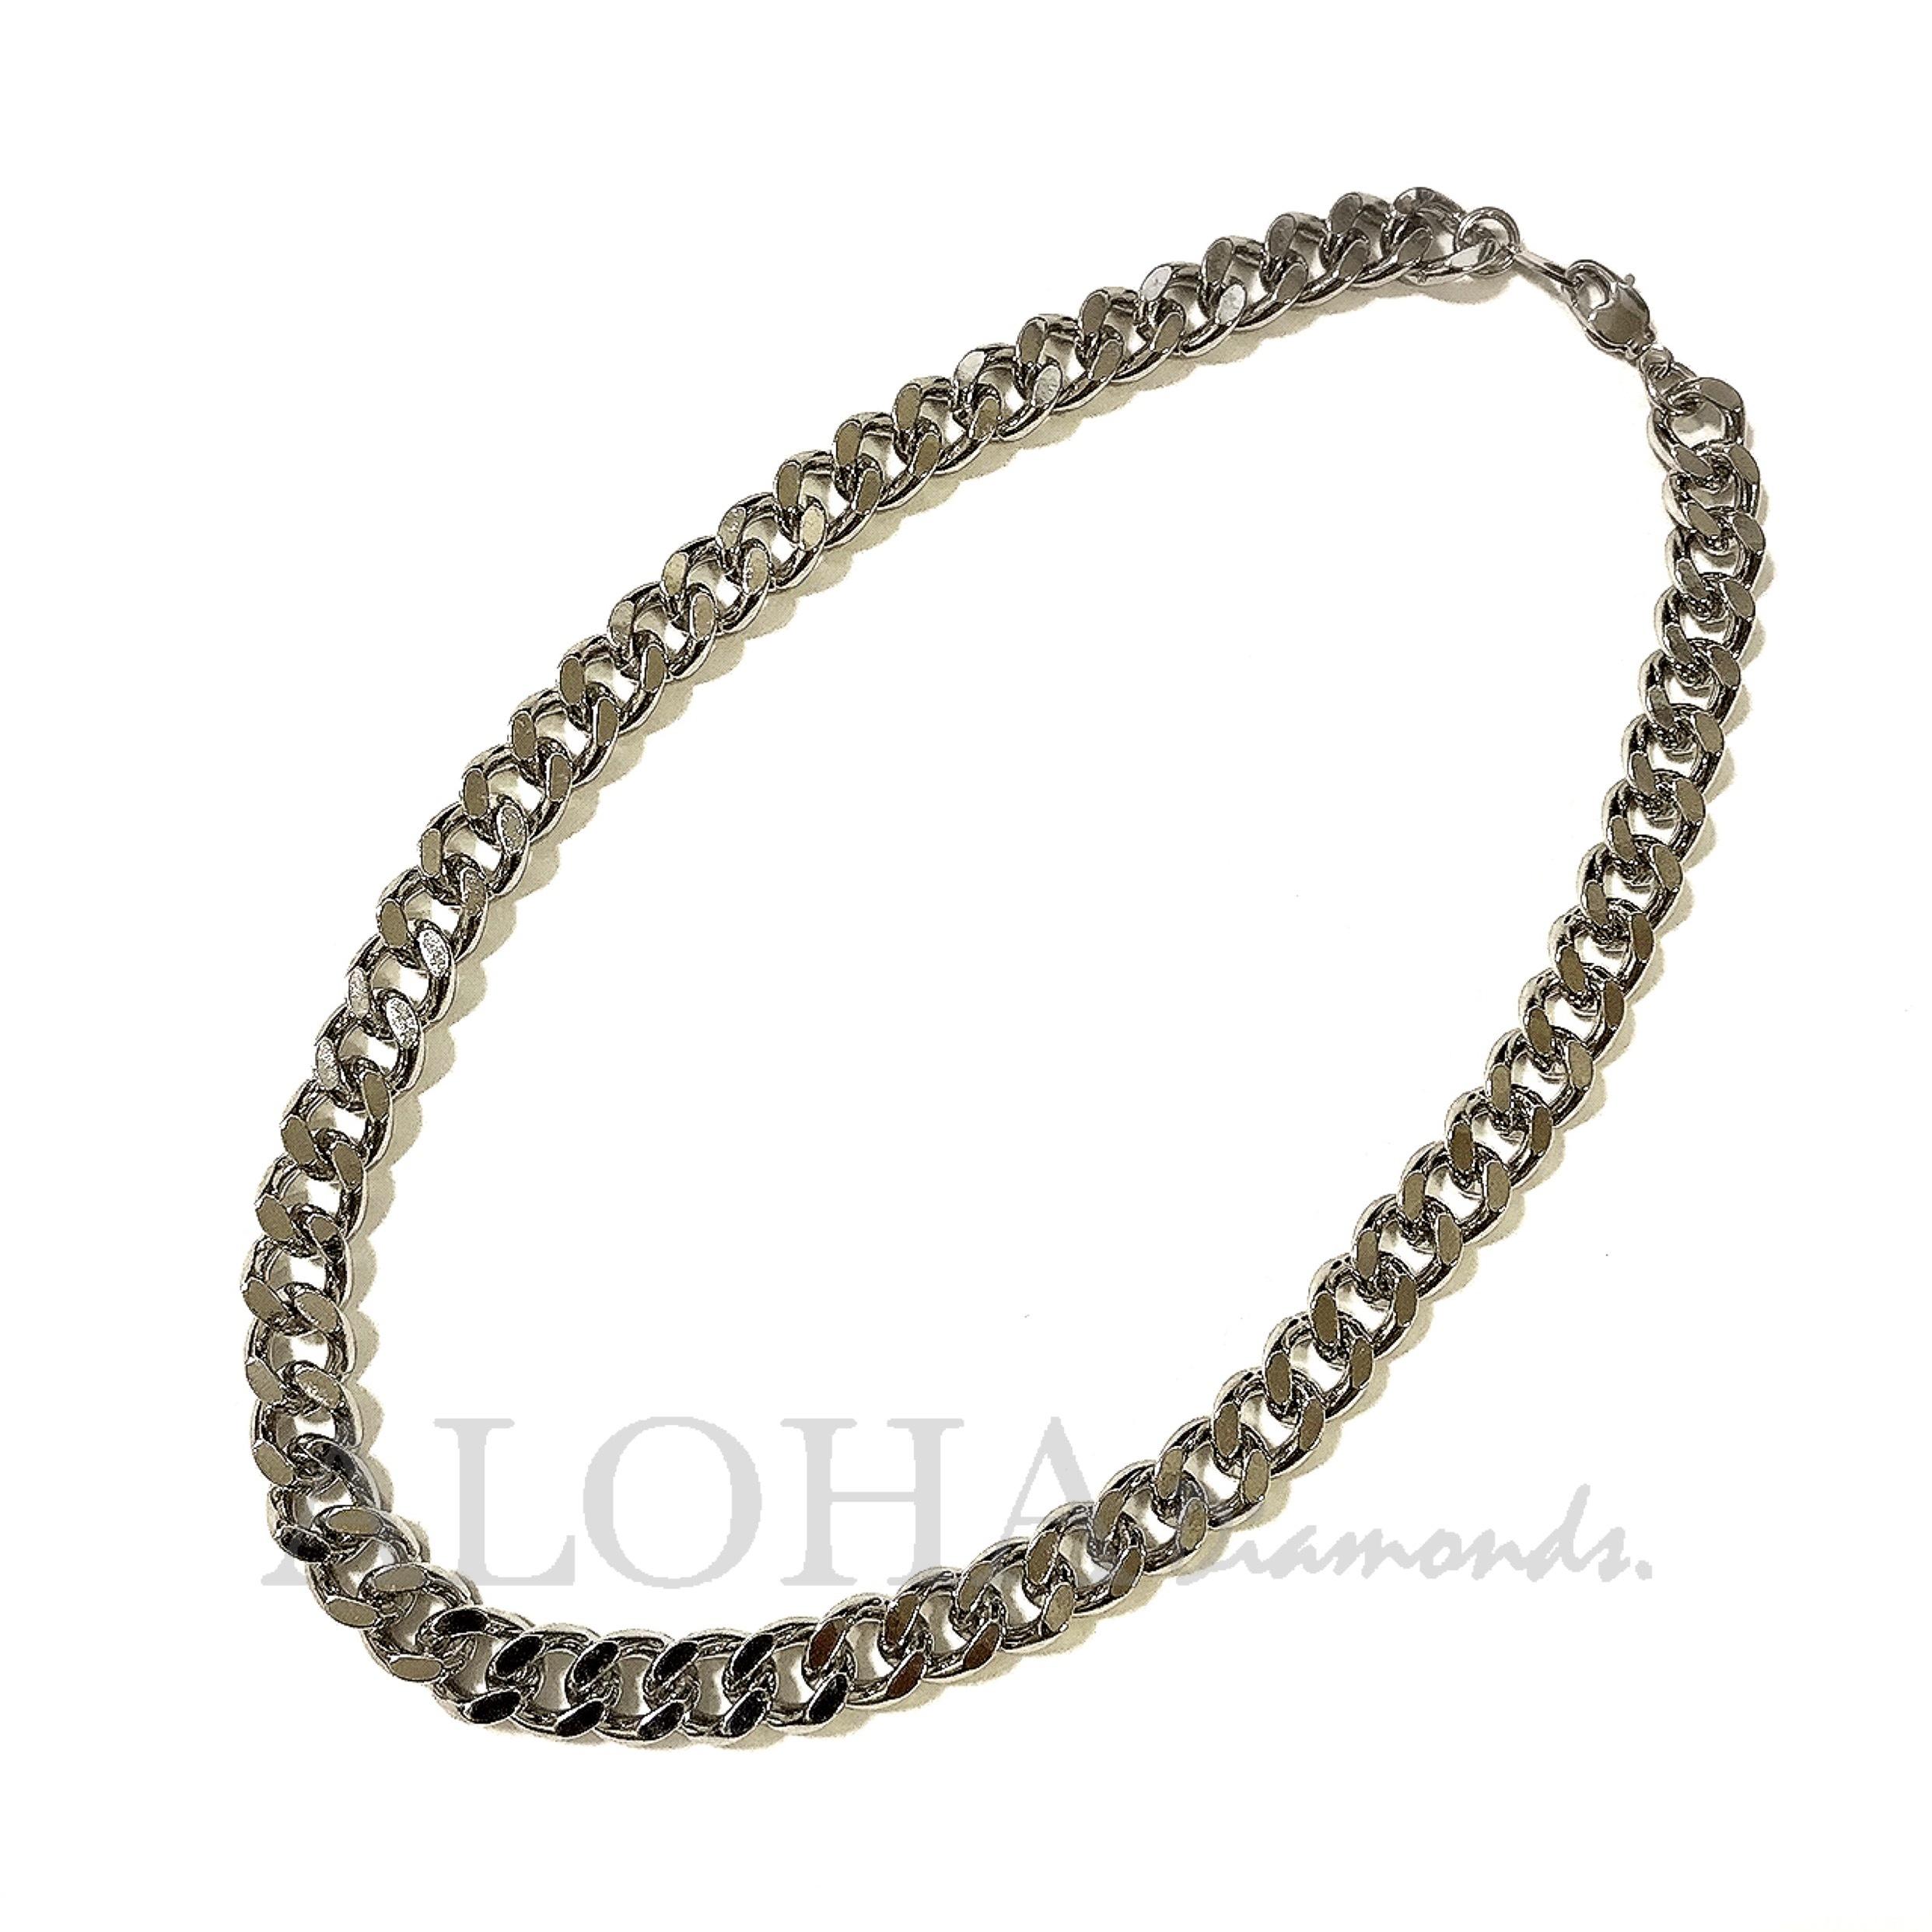 ✴︎✴︎✴︎The chain - No.1✴︎✴︎✴︎シルバー/ネックレス 41cm(ネックレス単品)